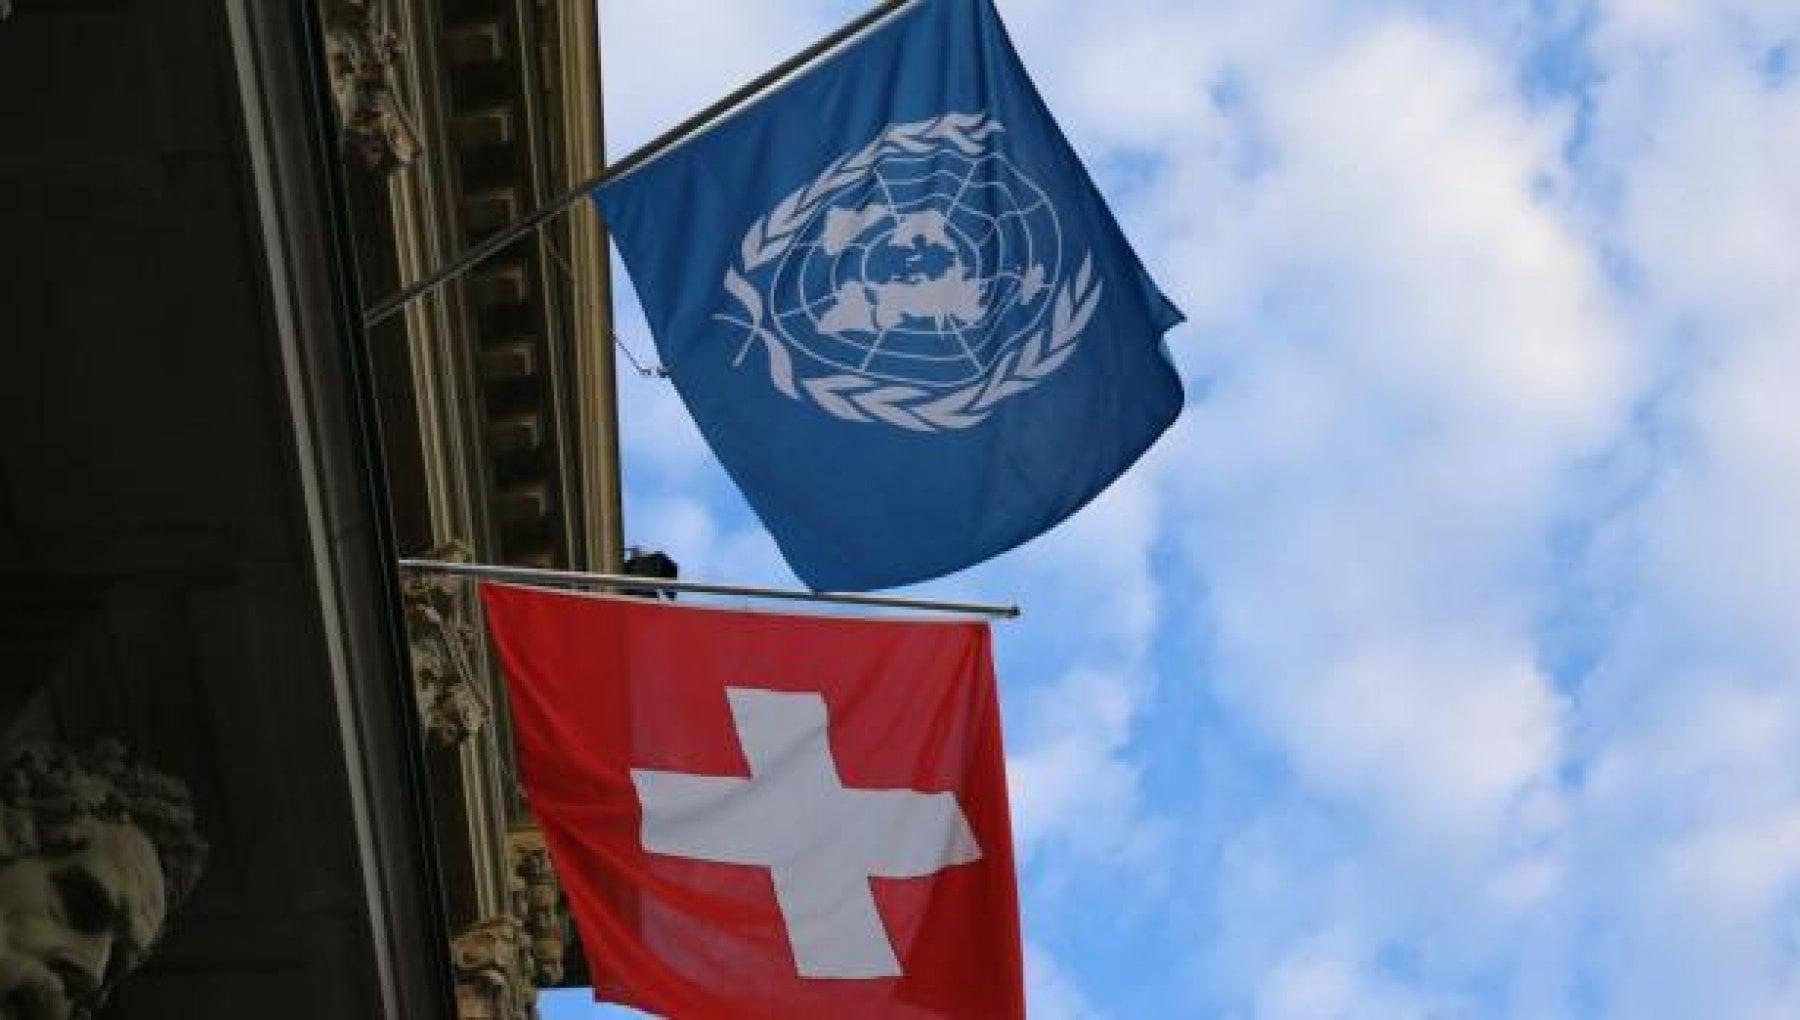 La Svizzera e lenigma della neutralita ora il Paese chiede di entrare nel Consiglio di Sicurezza dellOnu